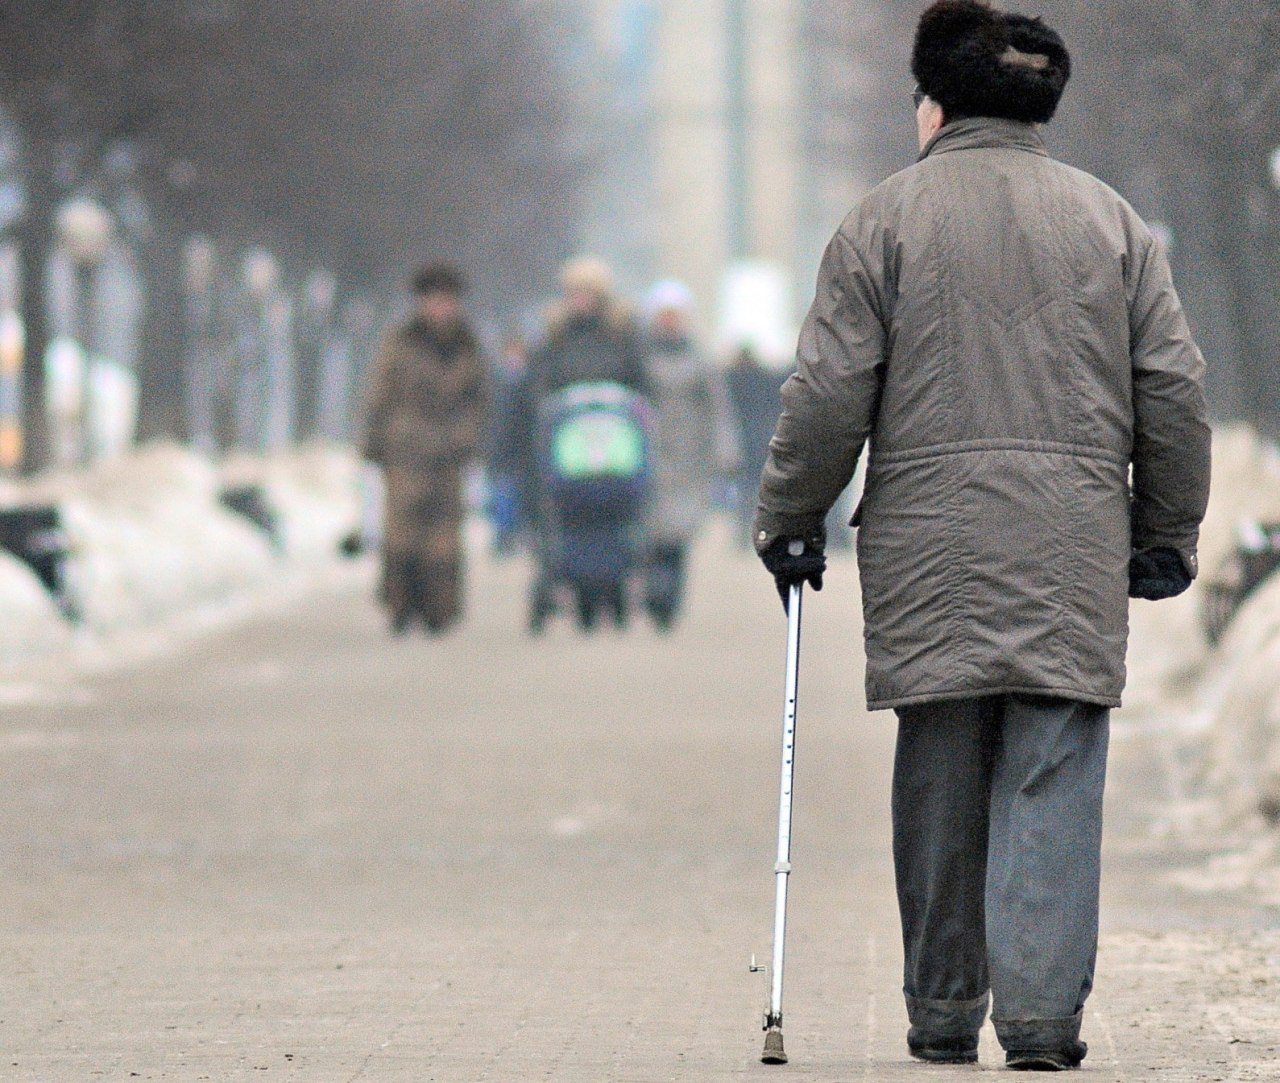 В Пенсионном фонде рассказали, как грабят стариков через СНИЛС